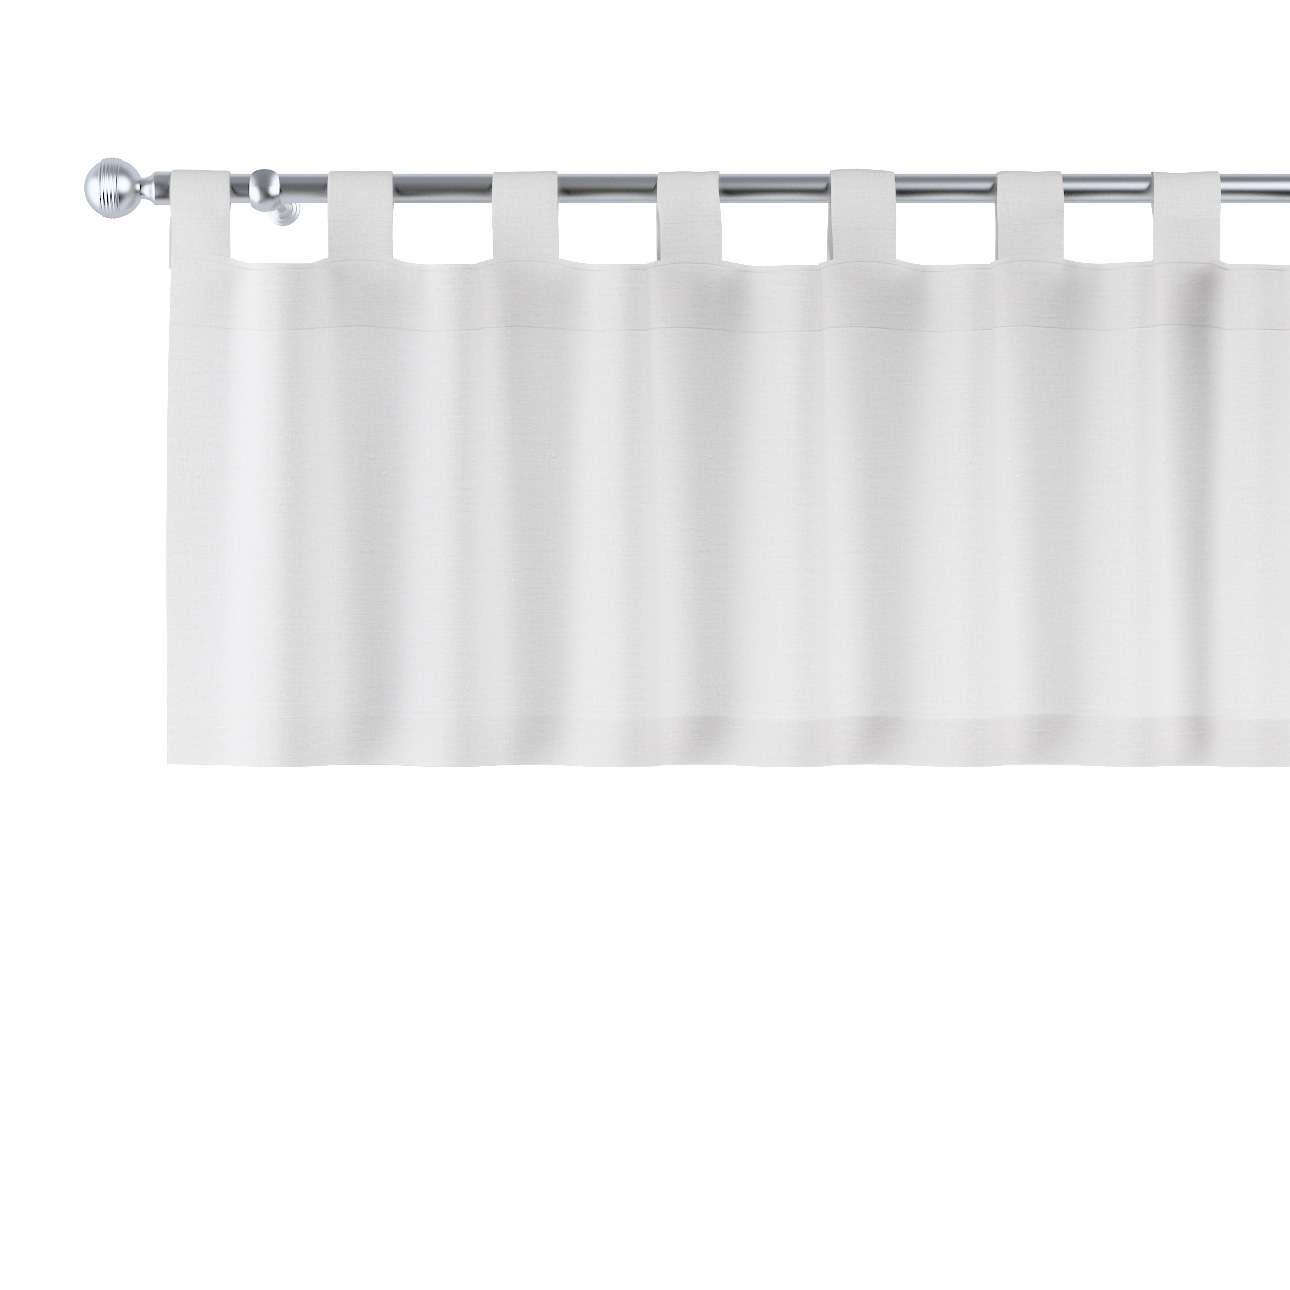 Gardinkappa med hällor 130x40cm i kollektionen Linne, Tyg: 392-04